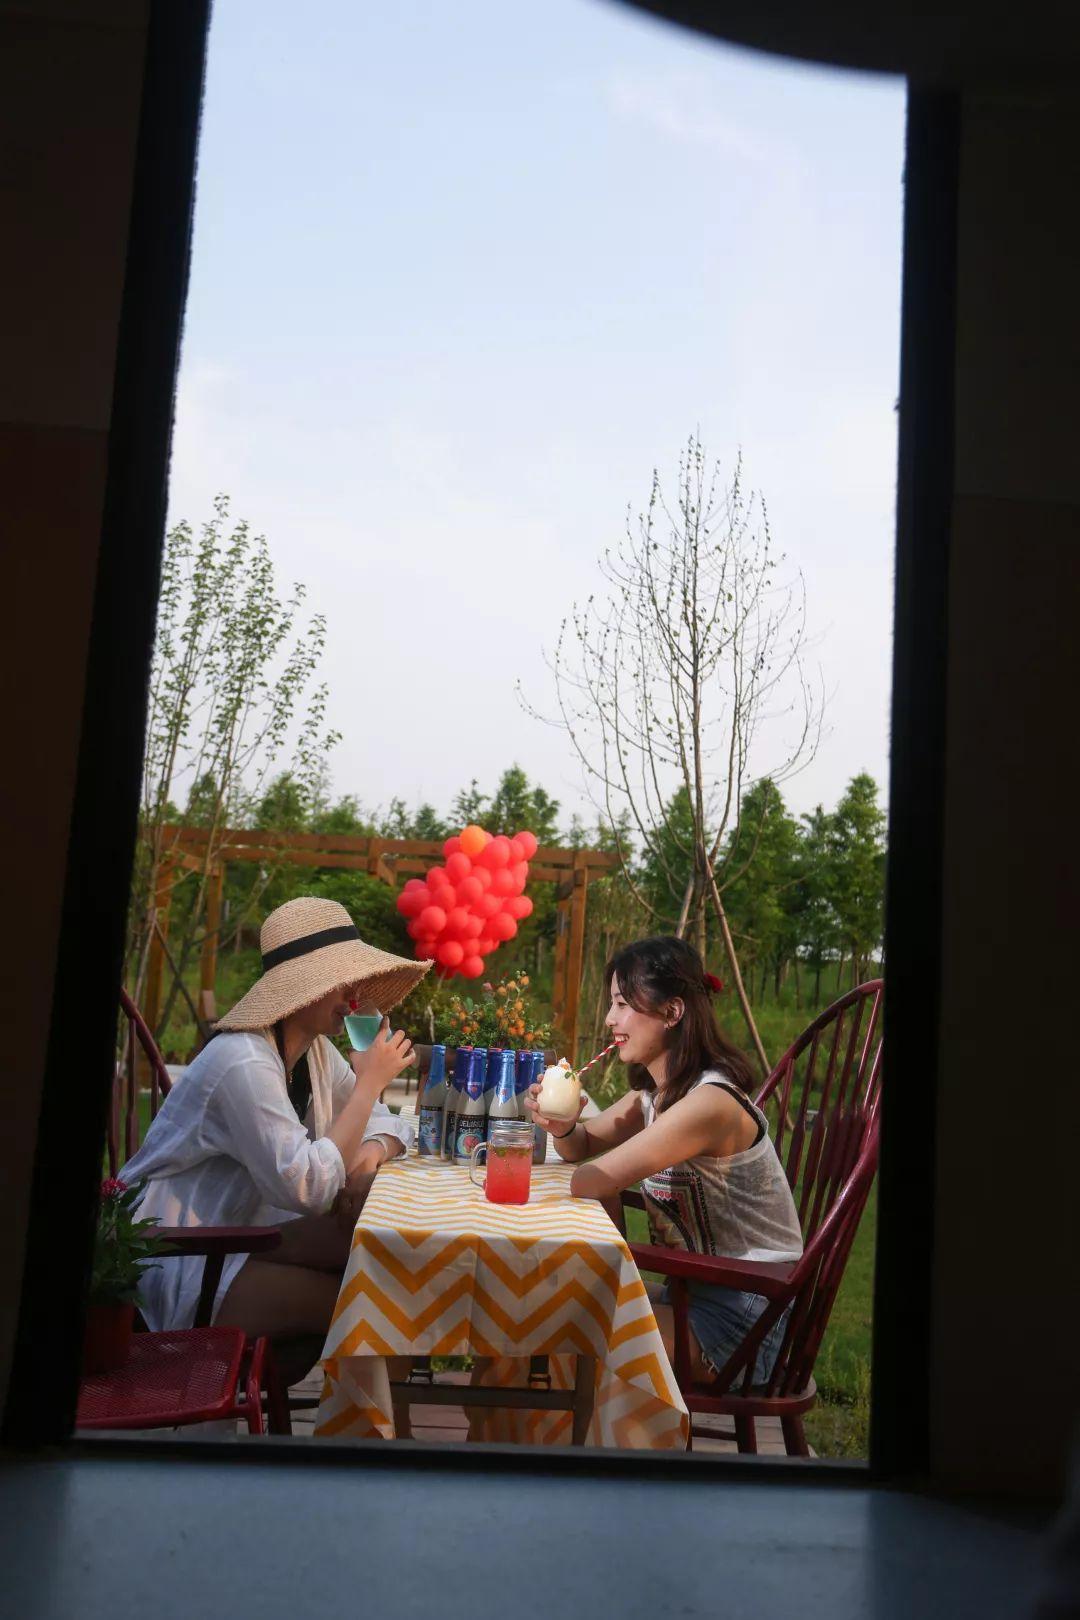 钱塘江畔竟然私藏着这样一家网红房车营地,遛娃玩耍真是绝了!